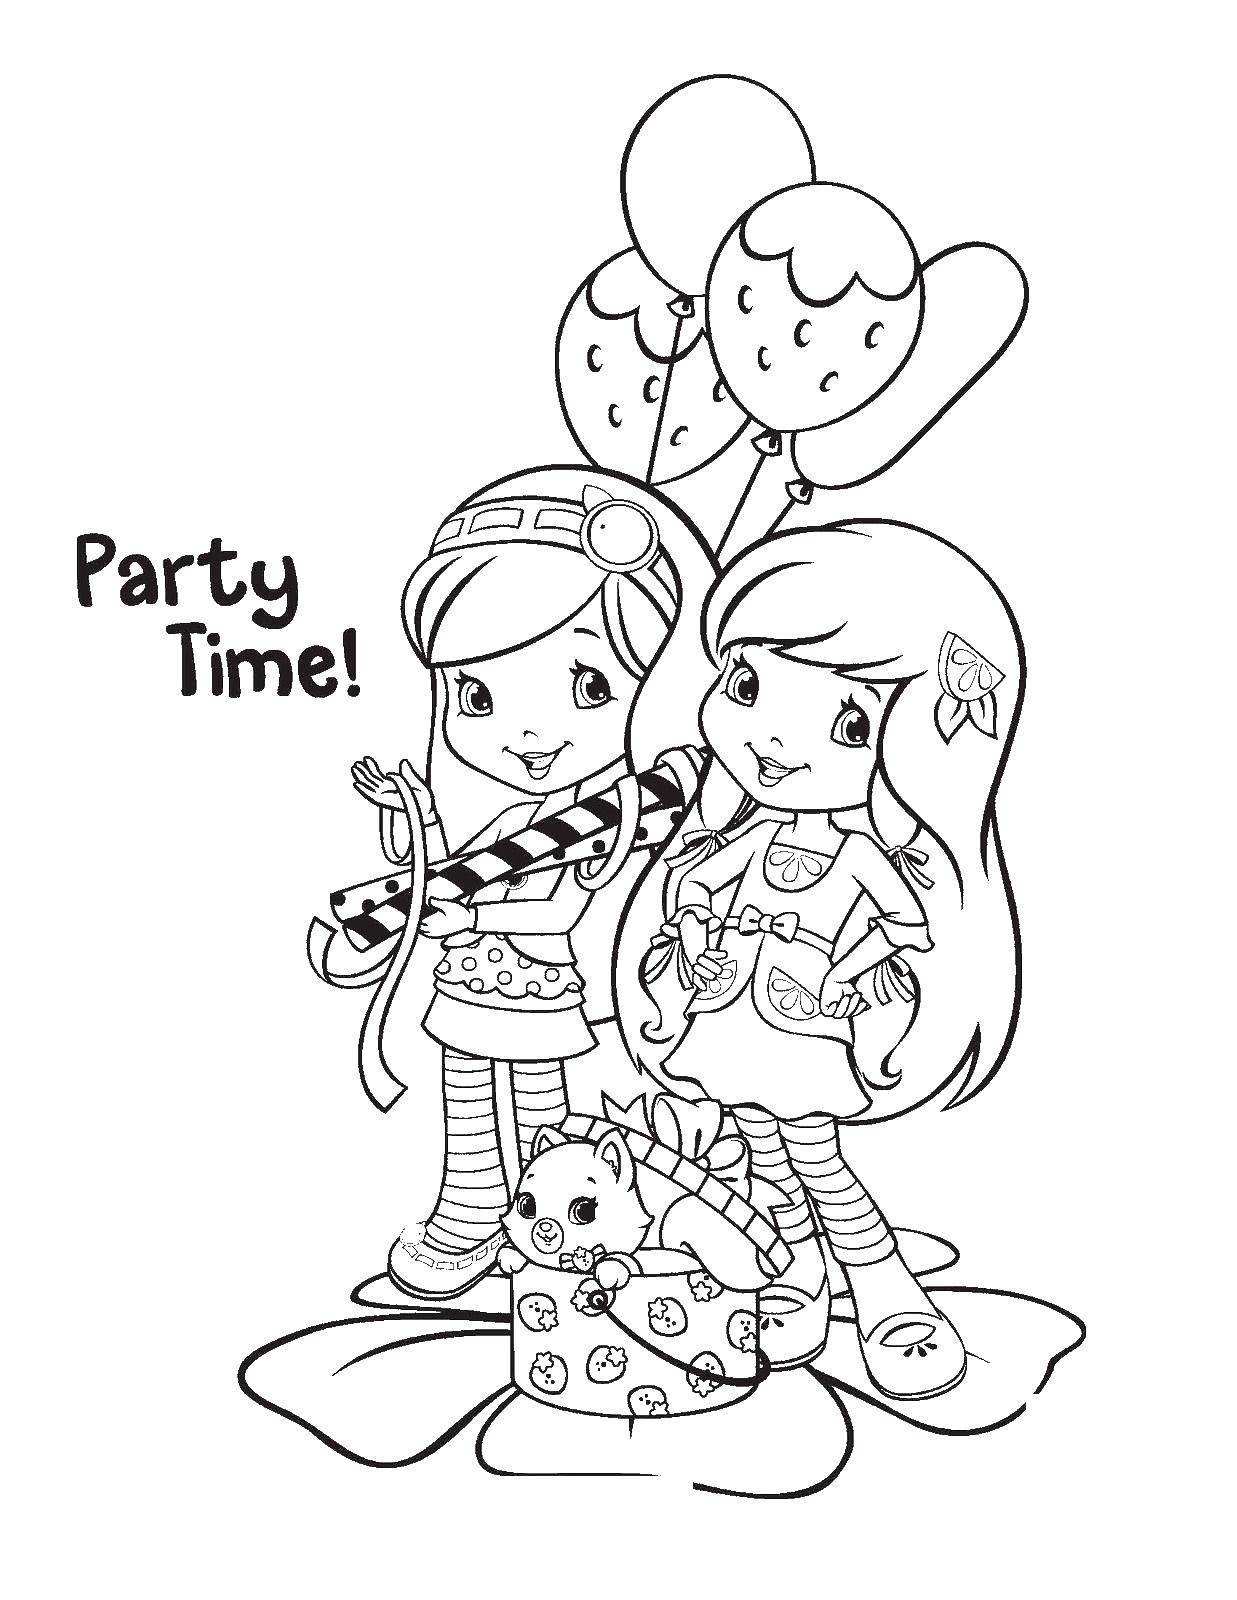 Раскраска Шарлотта земляничка и лимонка учтраивают вечеринку Скачать шарлотта, клубничка, лимонка.  Распечатать ,шарлотта земляничка мультики,